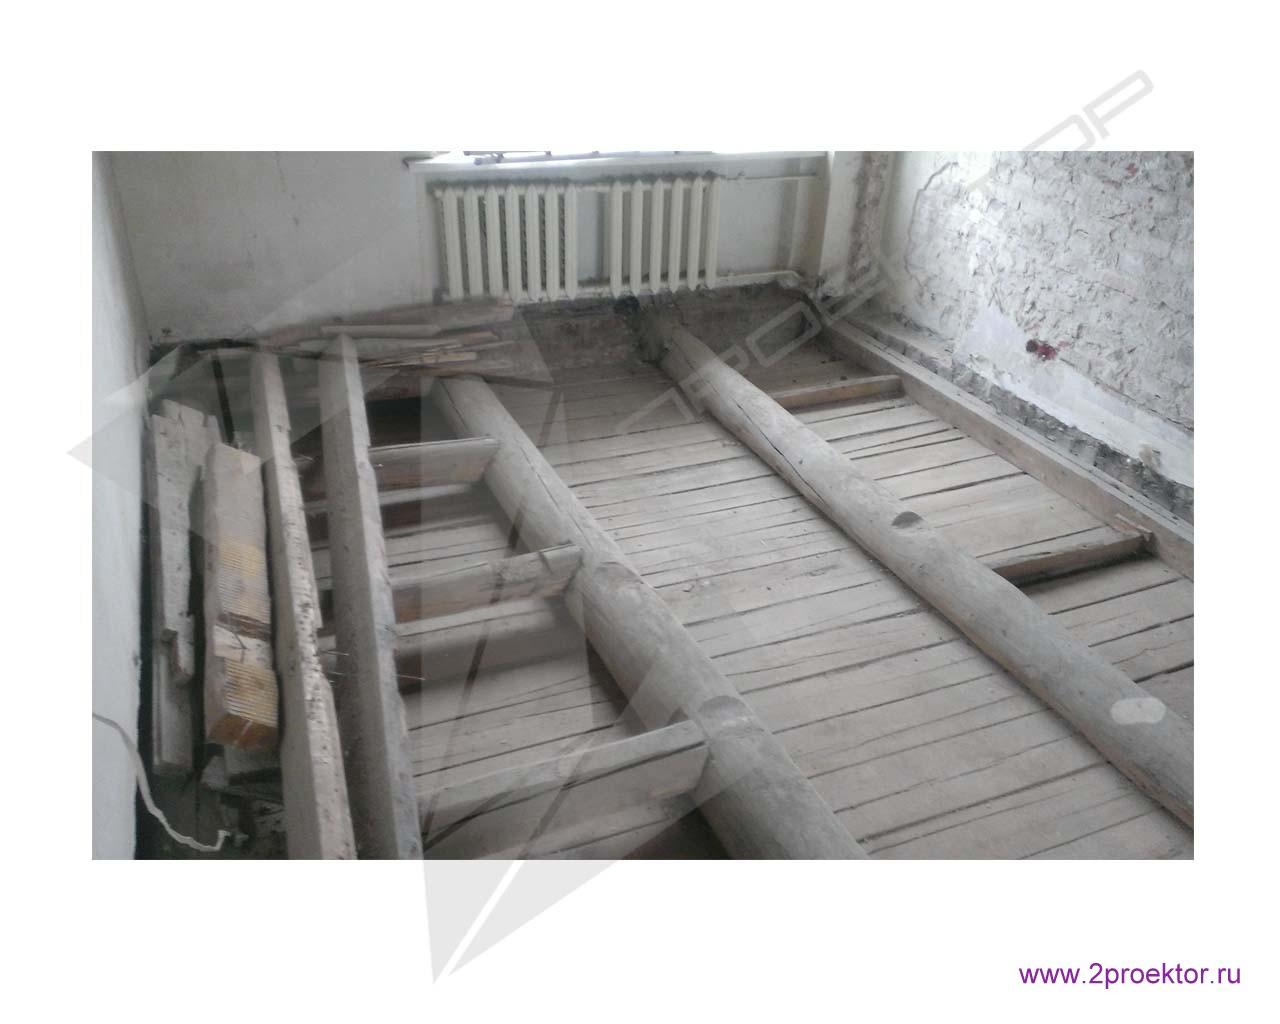 Деревянные перекрытия в квартире.